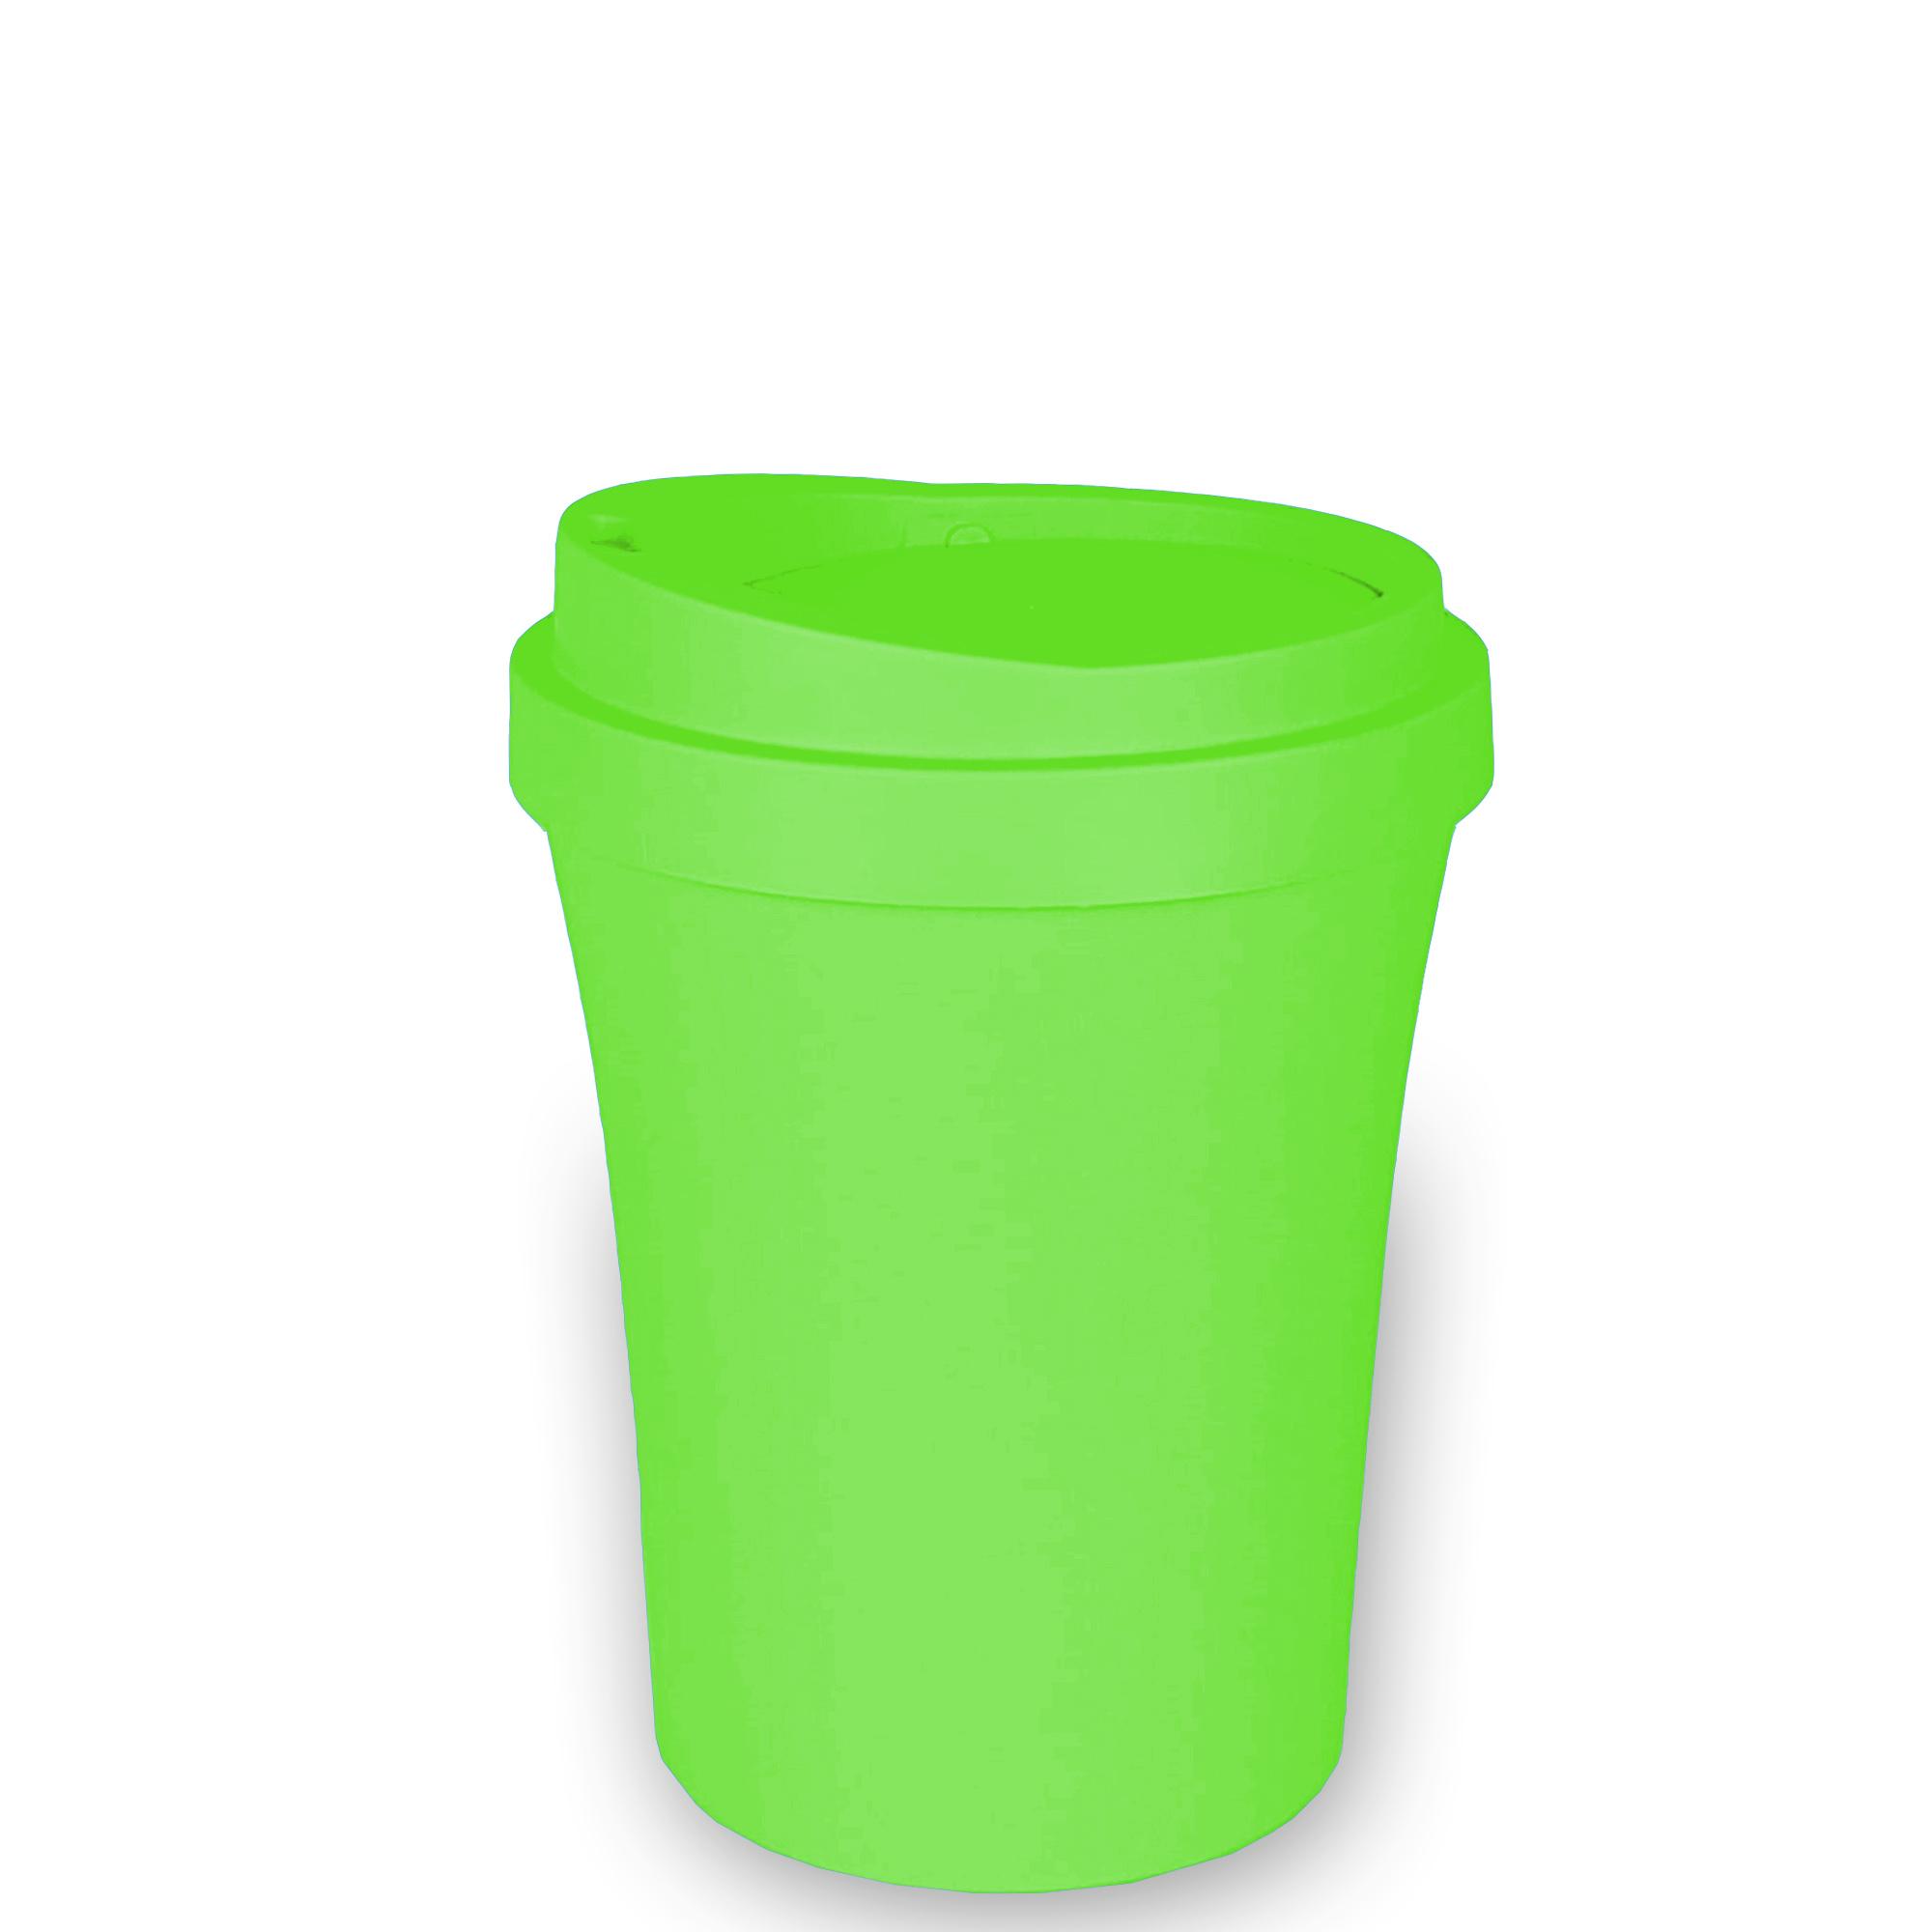 Lixeira Redonda Basculante 2.3 L - Verde